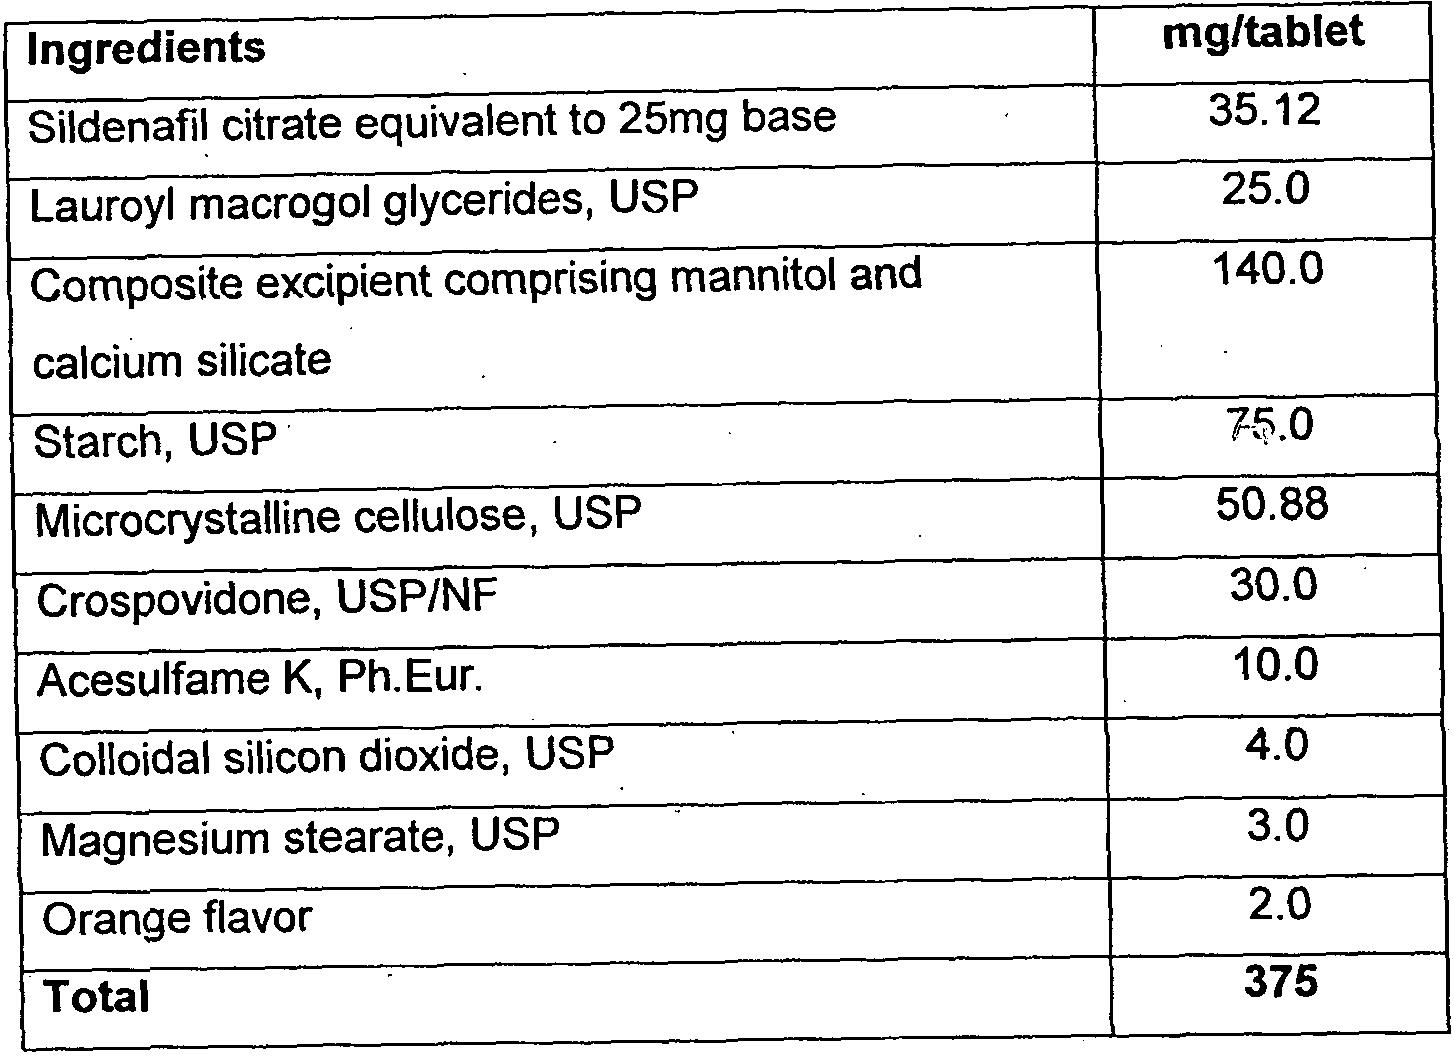 nexium 40 mg yorumları